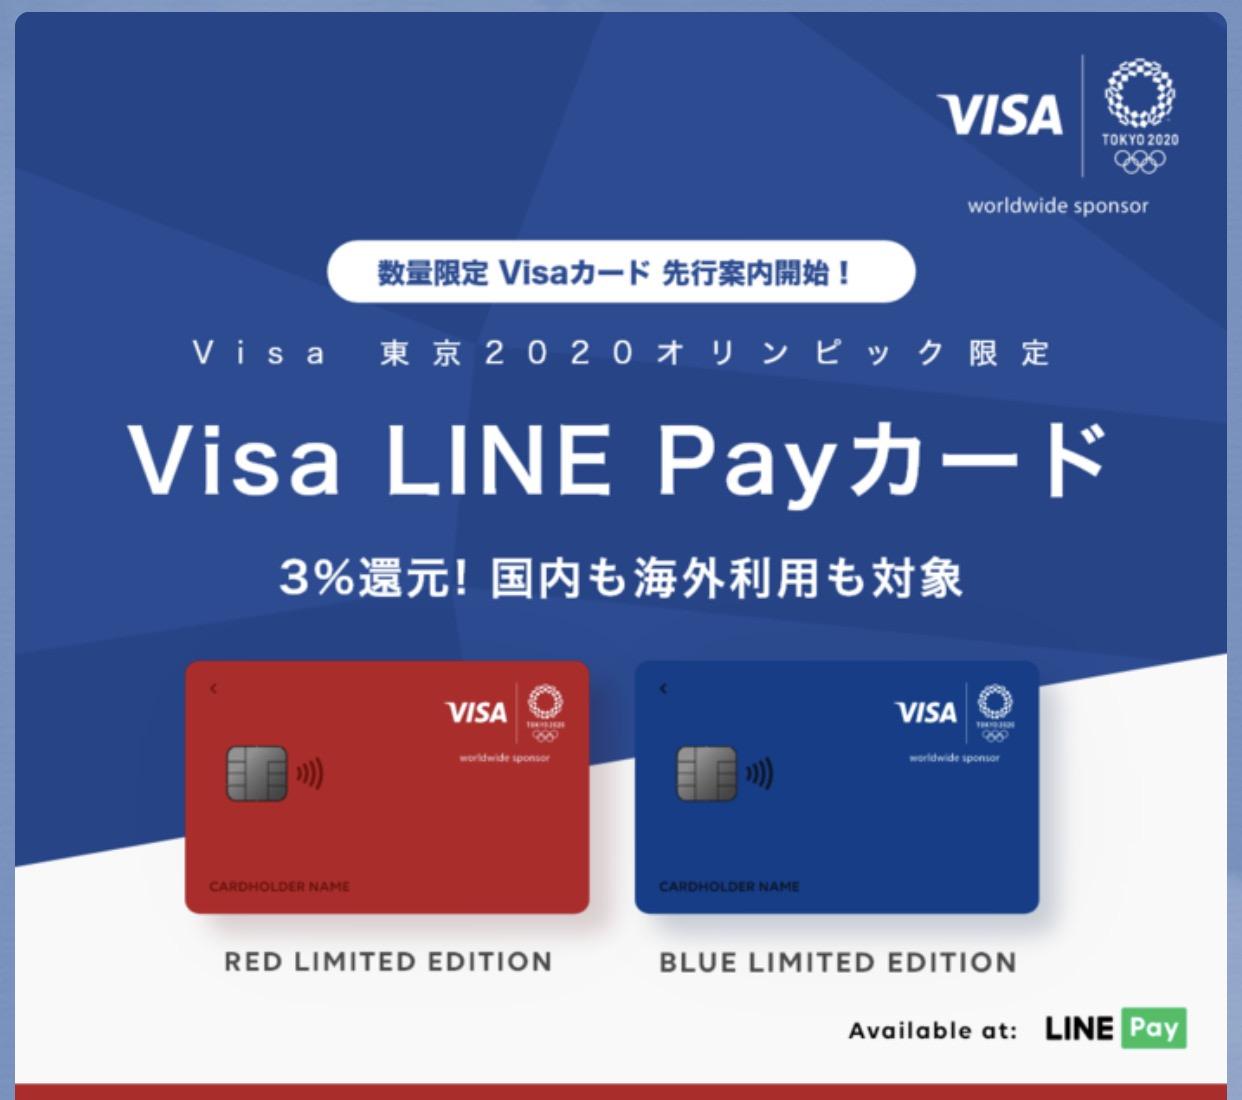 「Visa LINE Payカード」東京2020オリンピック限定カードを2020年1月より発行開始